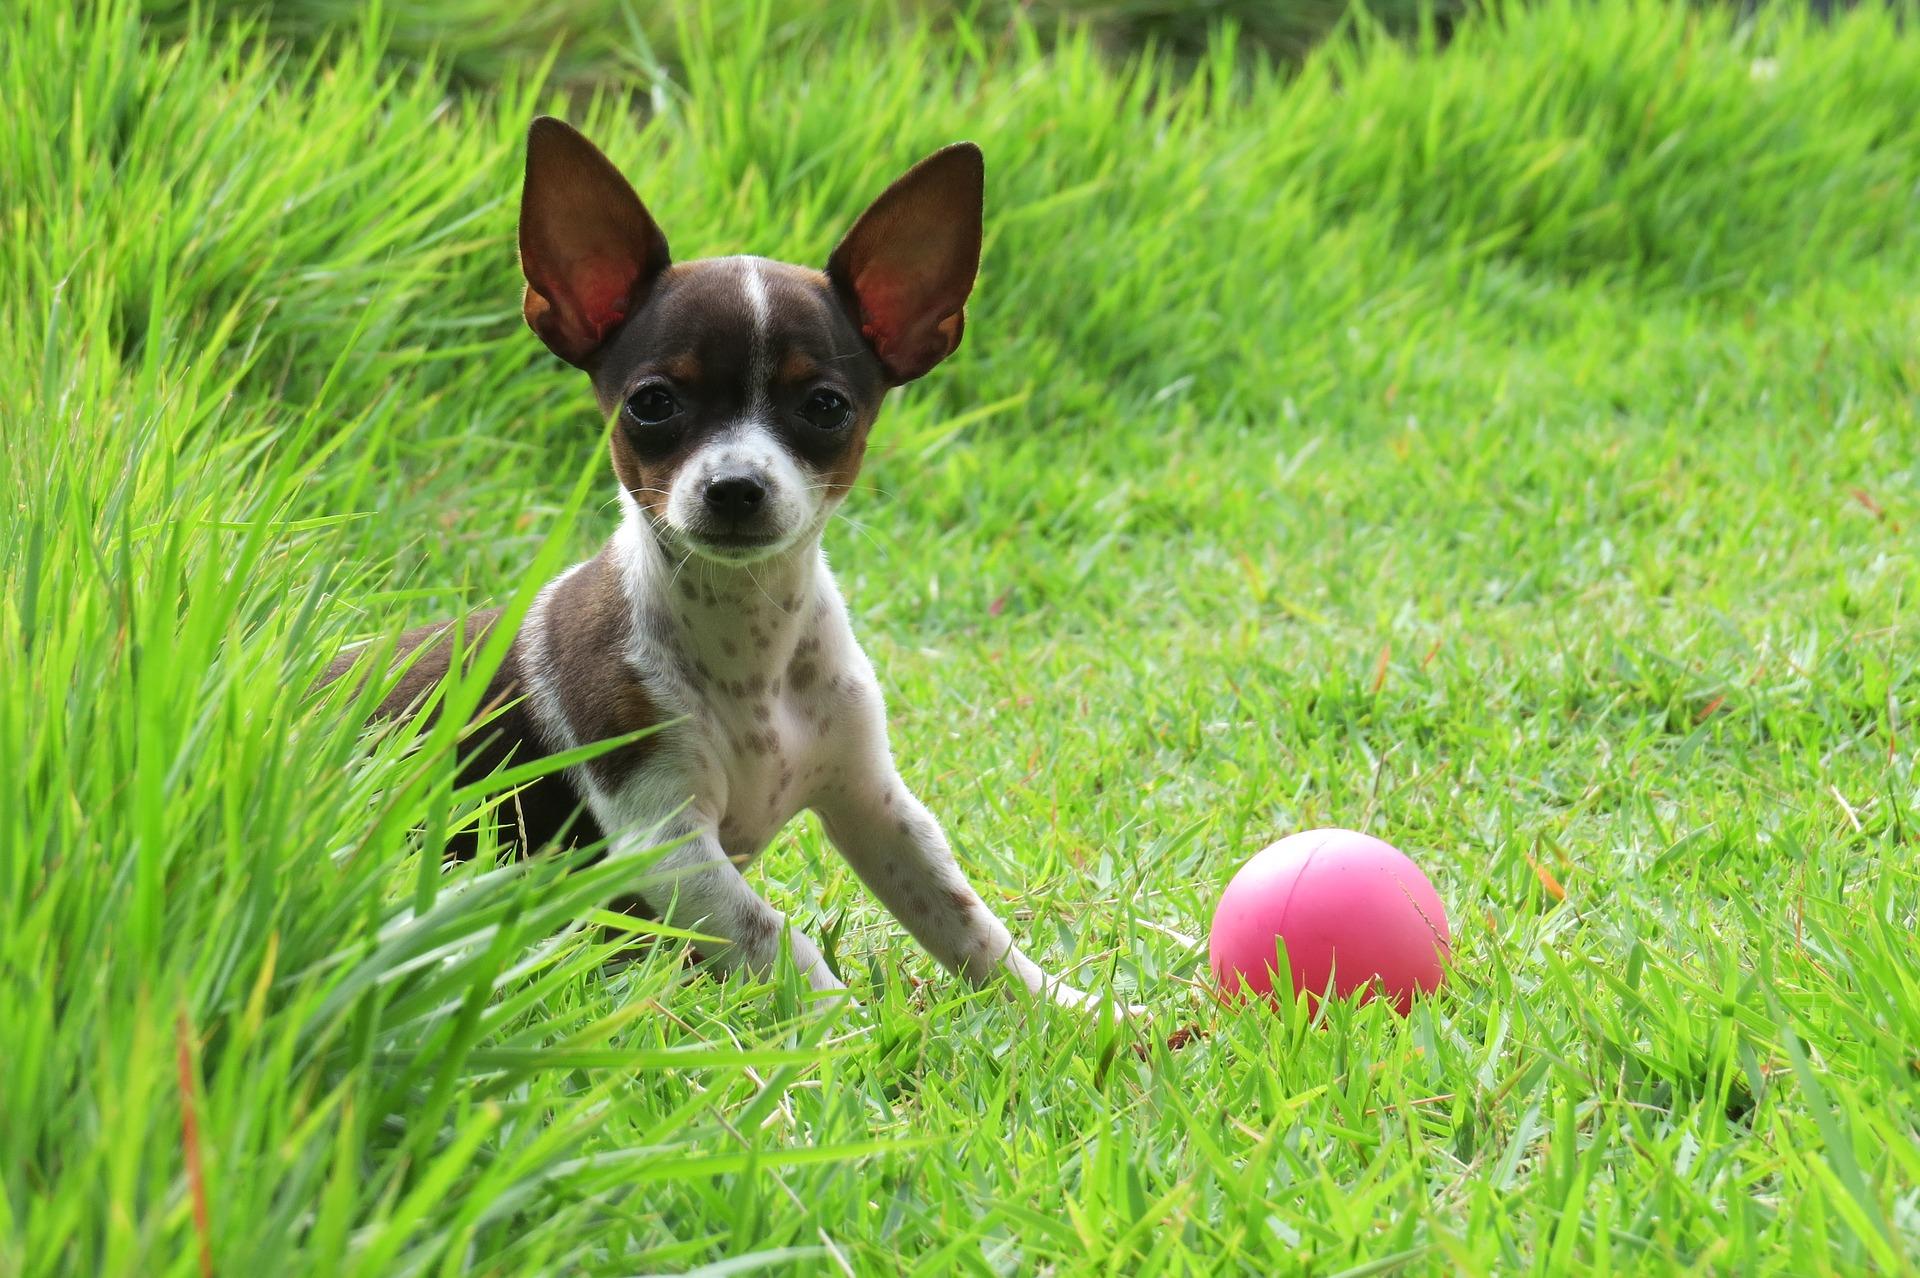 Kastracja psa to zabieg usunięcia gonad, natomiast sterylizacja to podwiązanie nasieniowodów lub jajowodów.